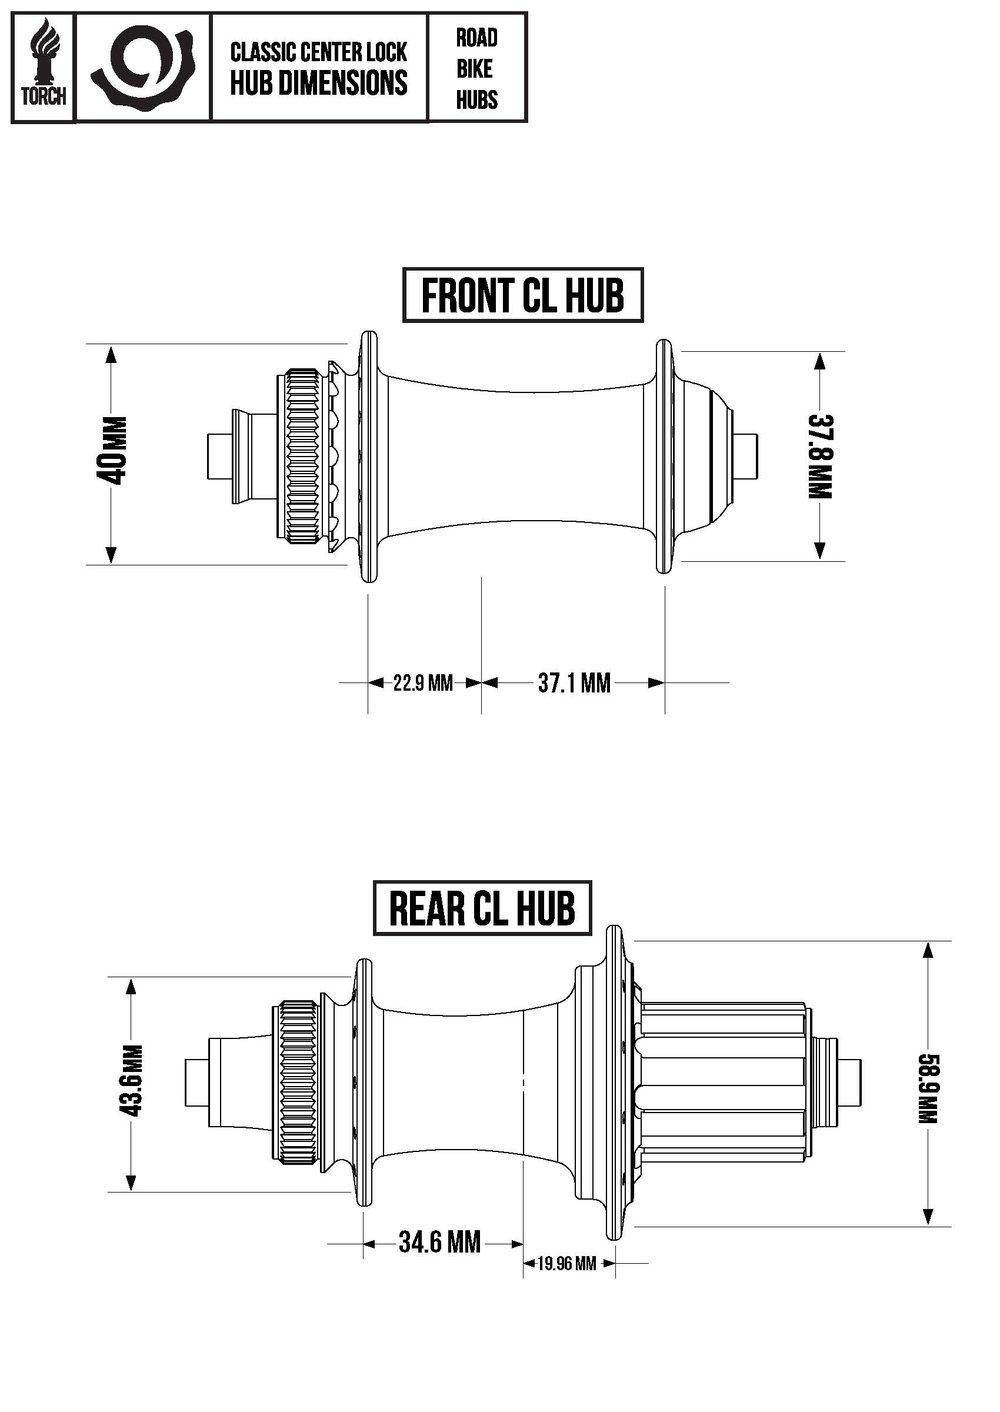 Cover Image Centerlock_RD_diagram.jpg